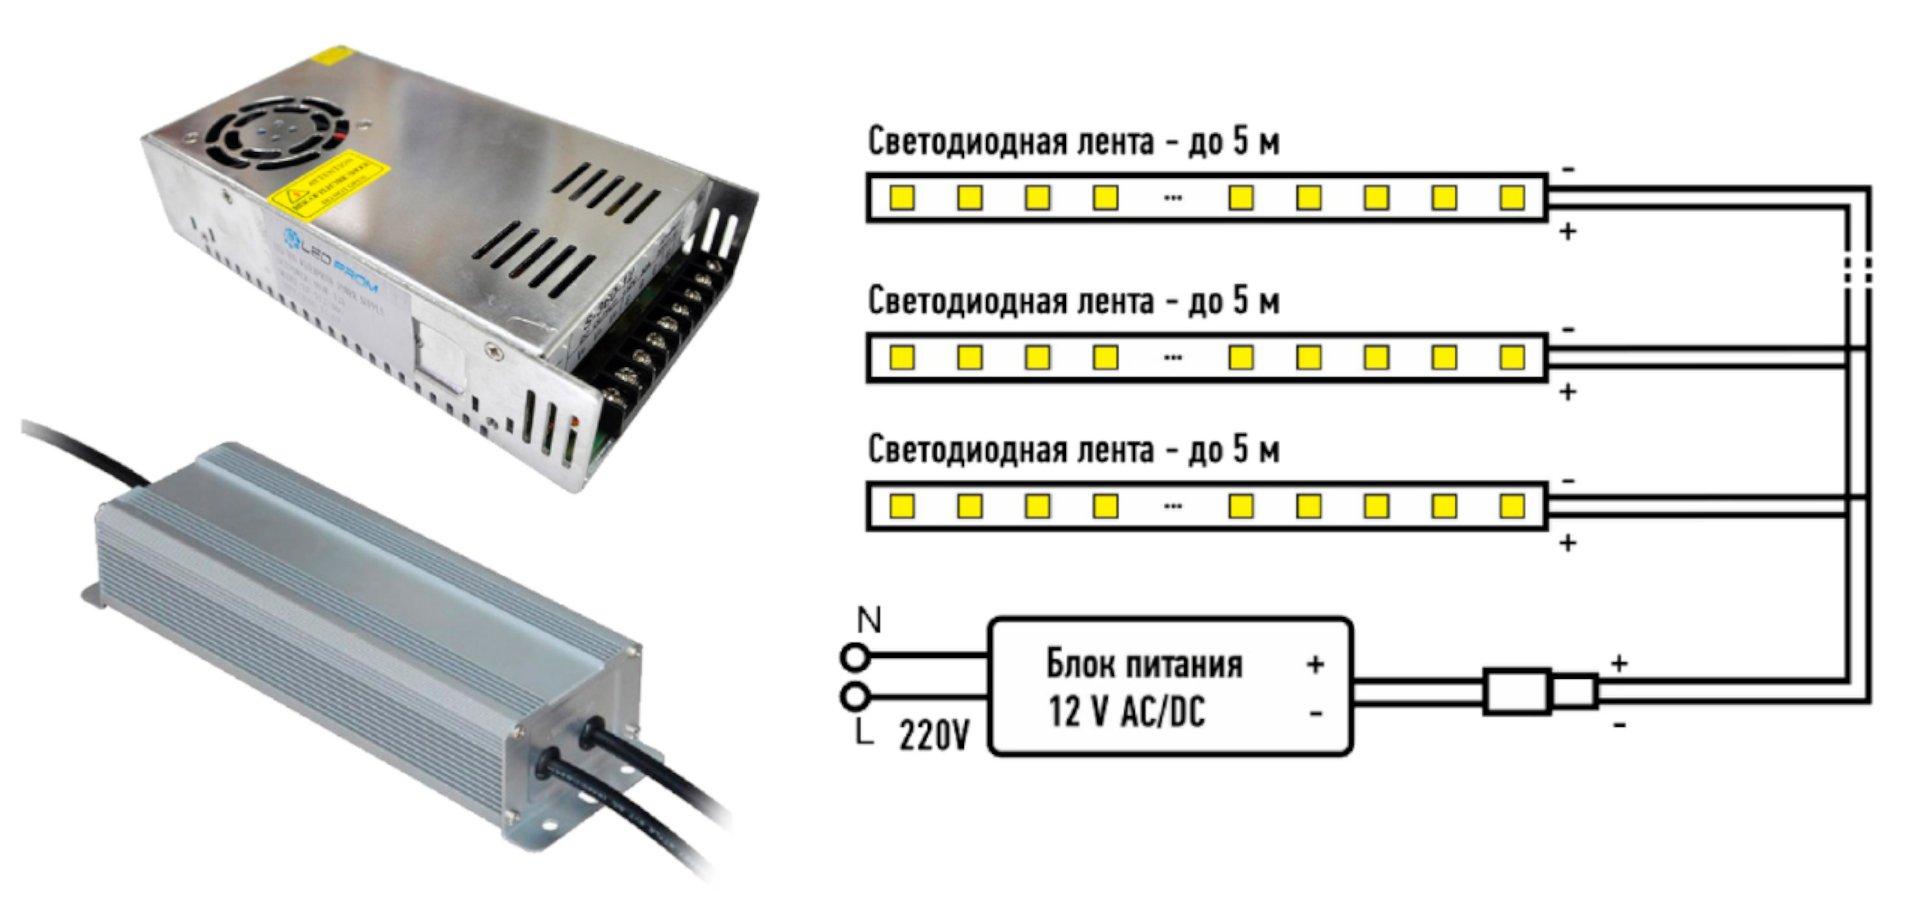 Особенности выбора блока питания для светодиодной ленты